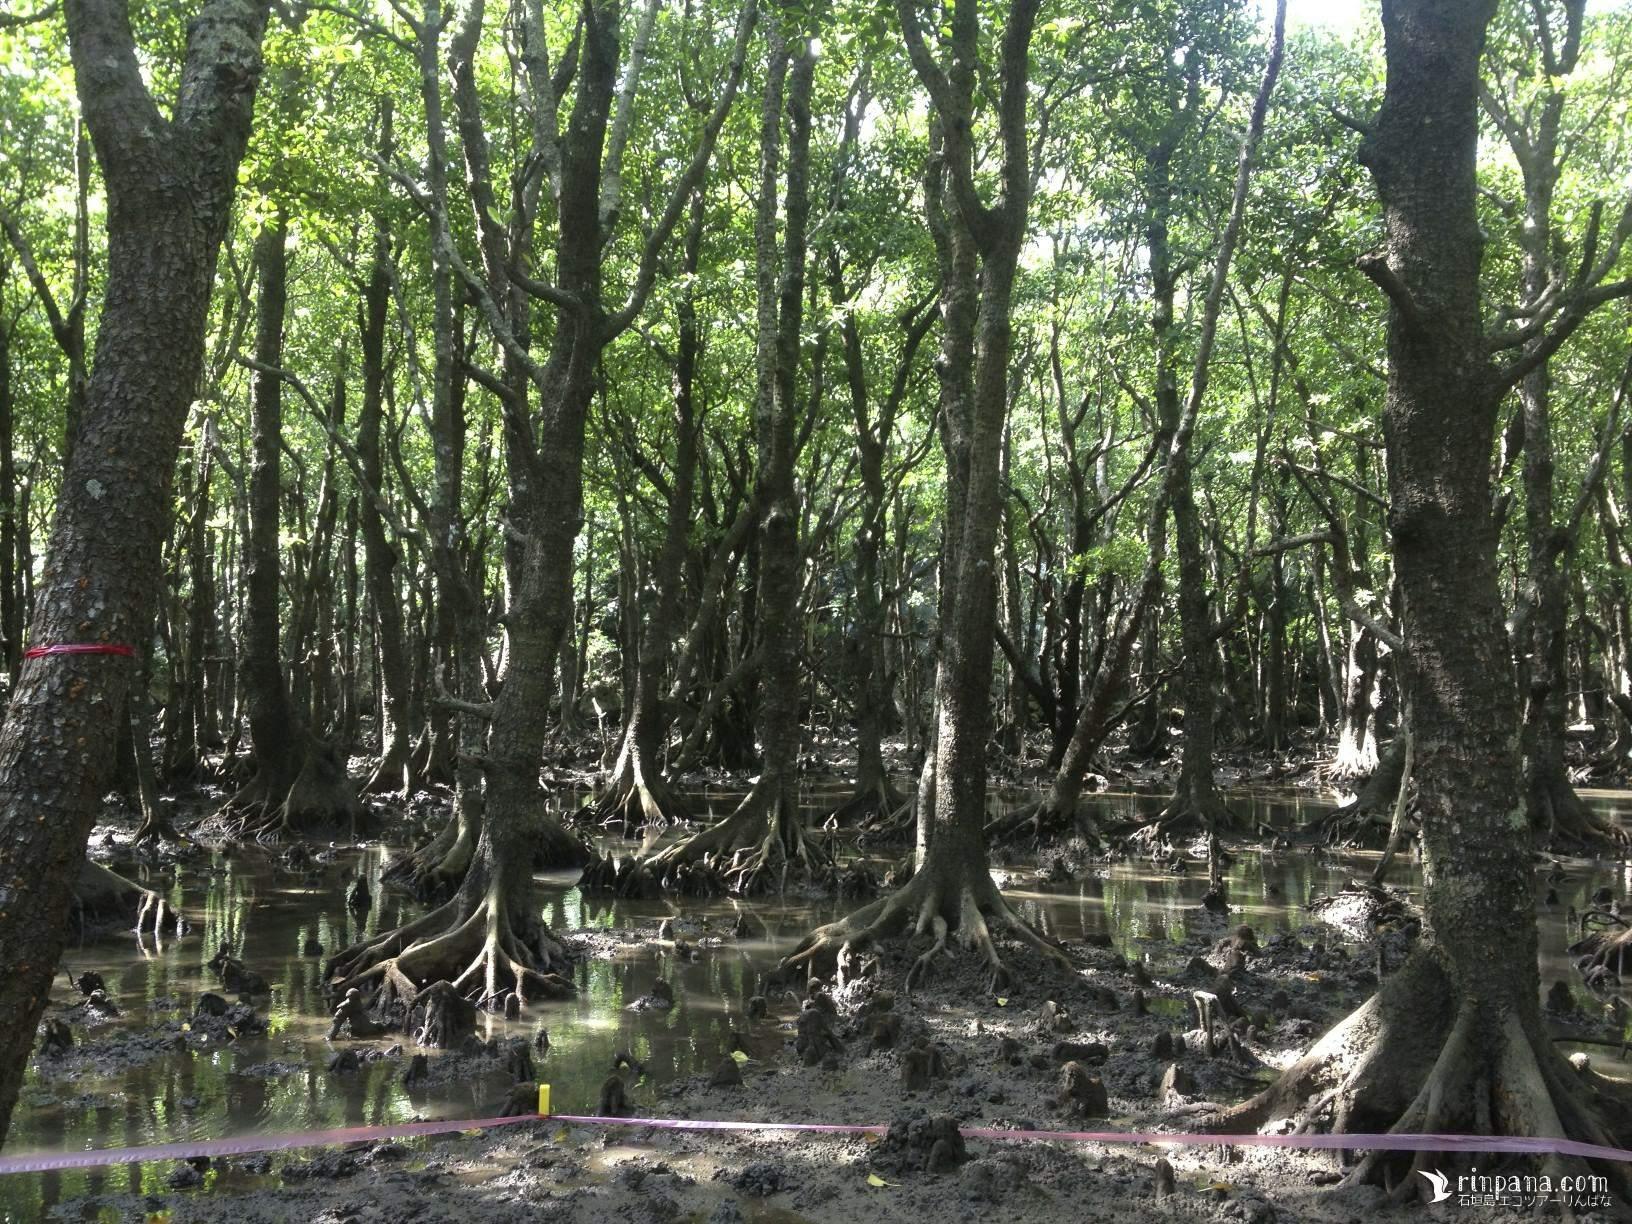 マングローブ林の奥深く